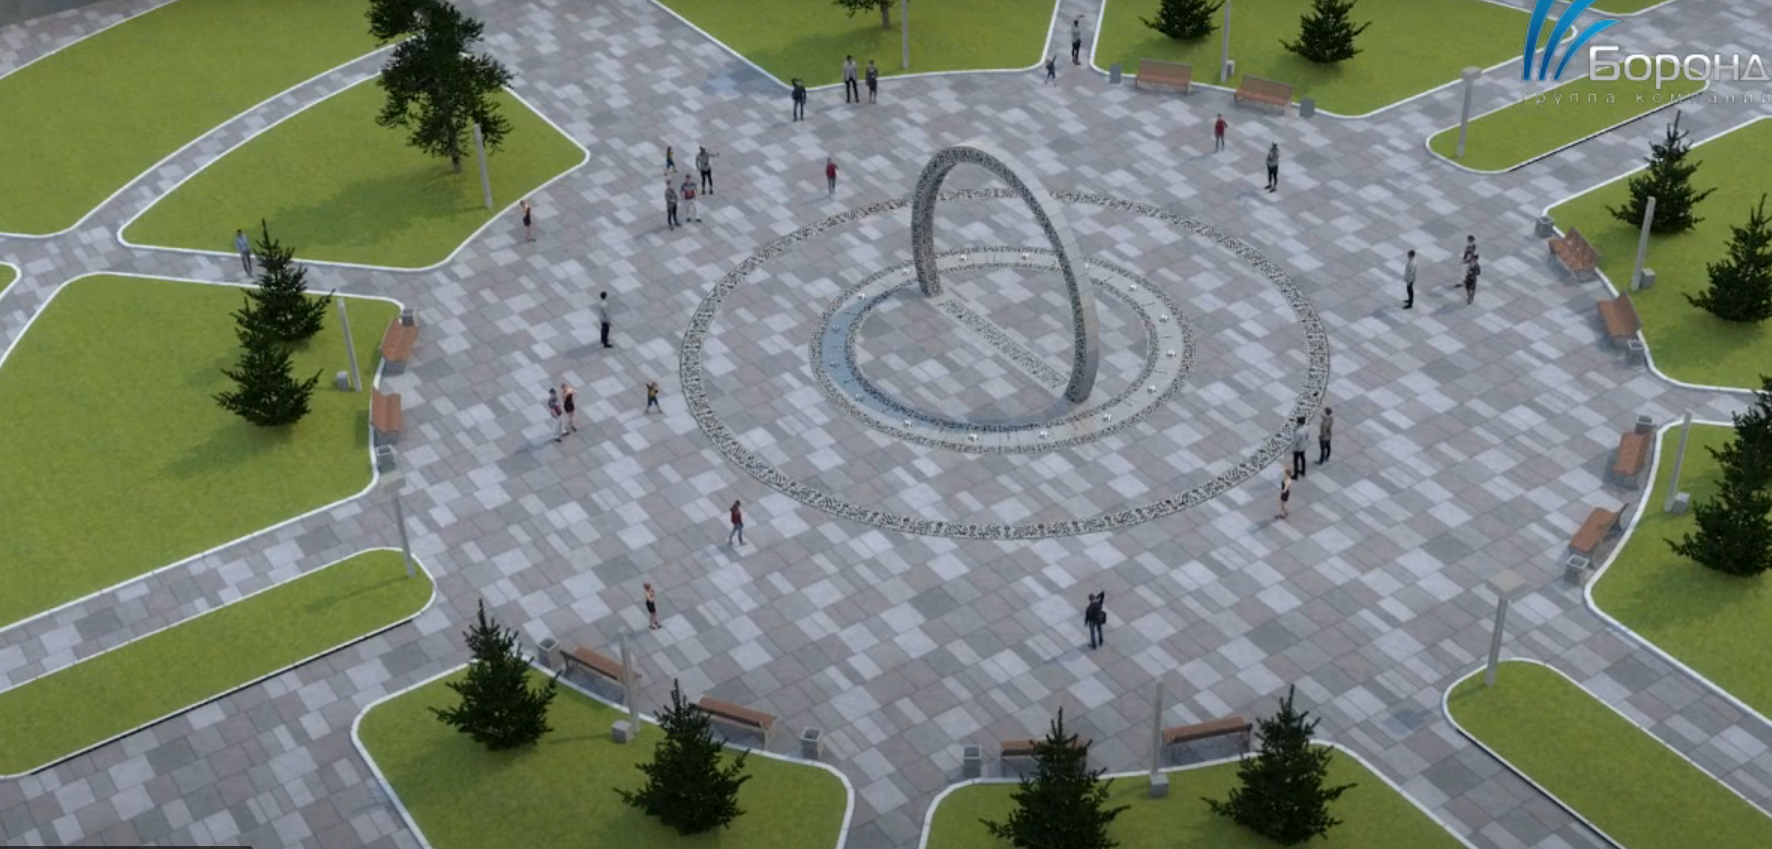 калуга новый фонтан марата 1 апреля 2021 года